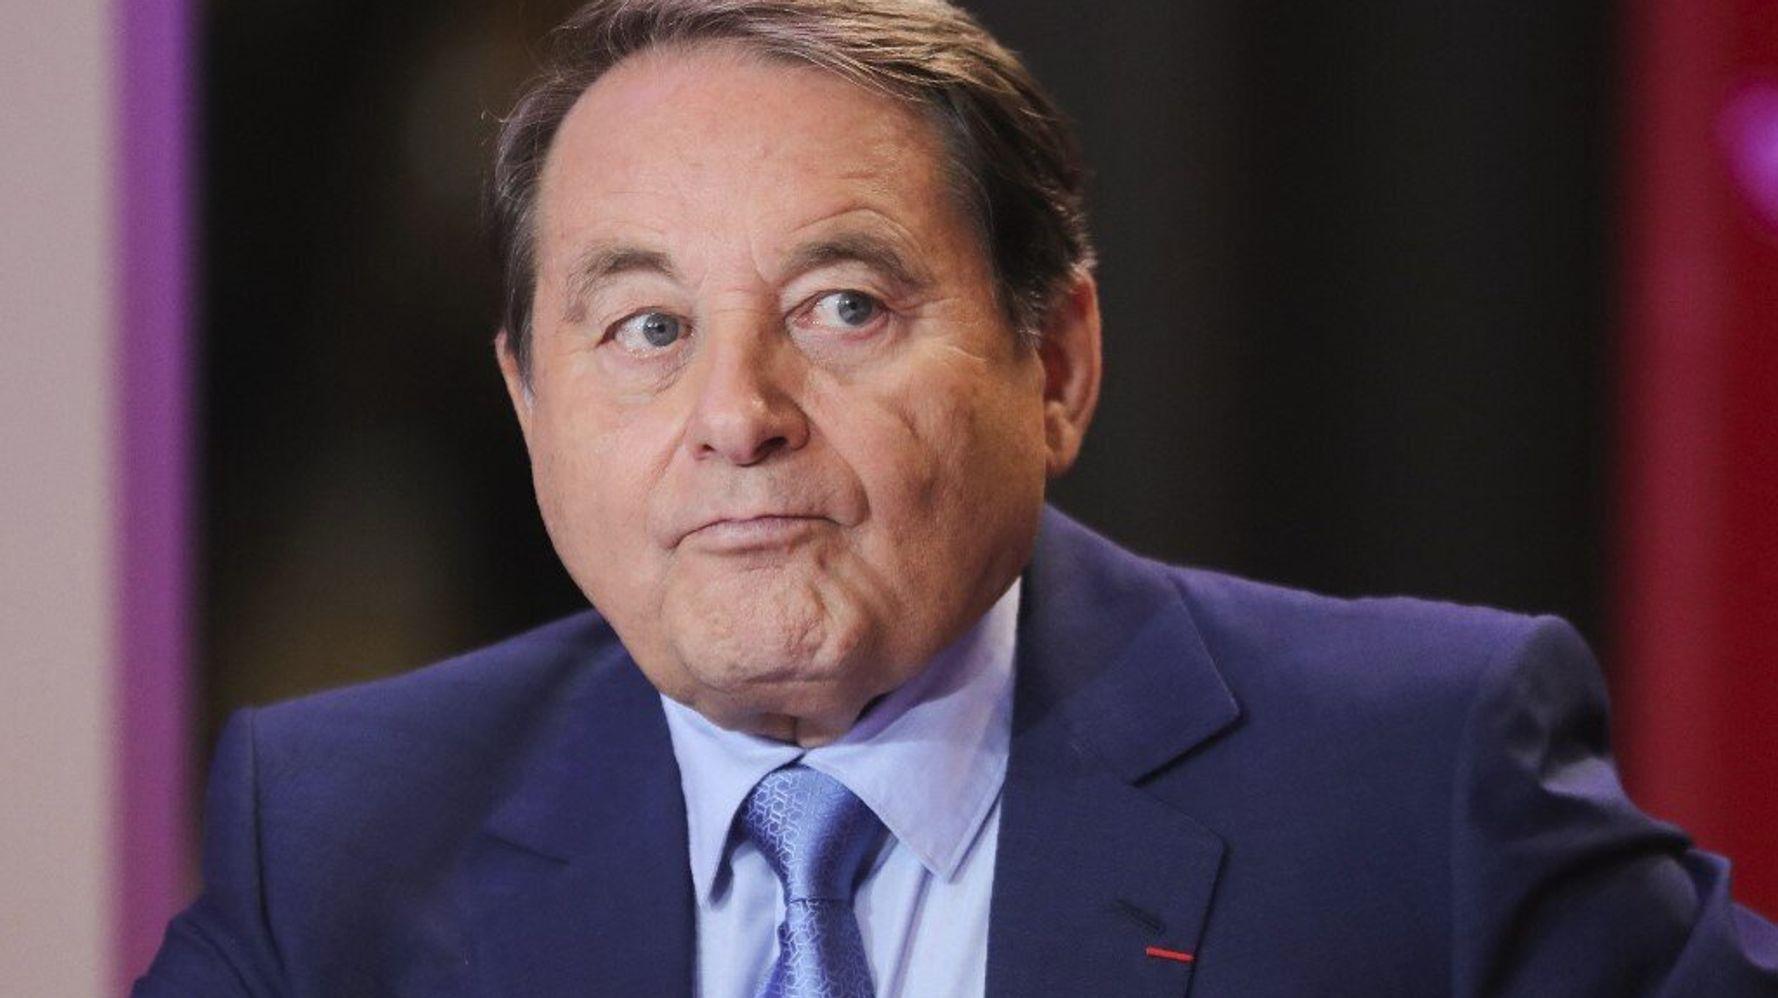 Le maire d'Issoudun rouvre à son tour un musée mais refuse d'être comparé à Aliot